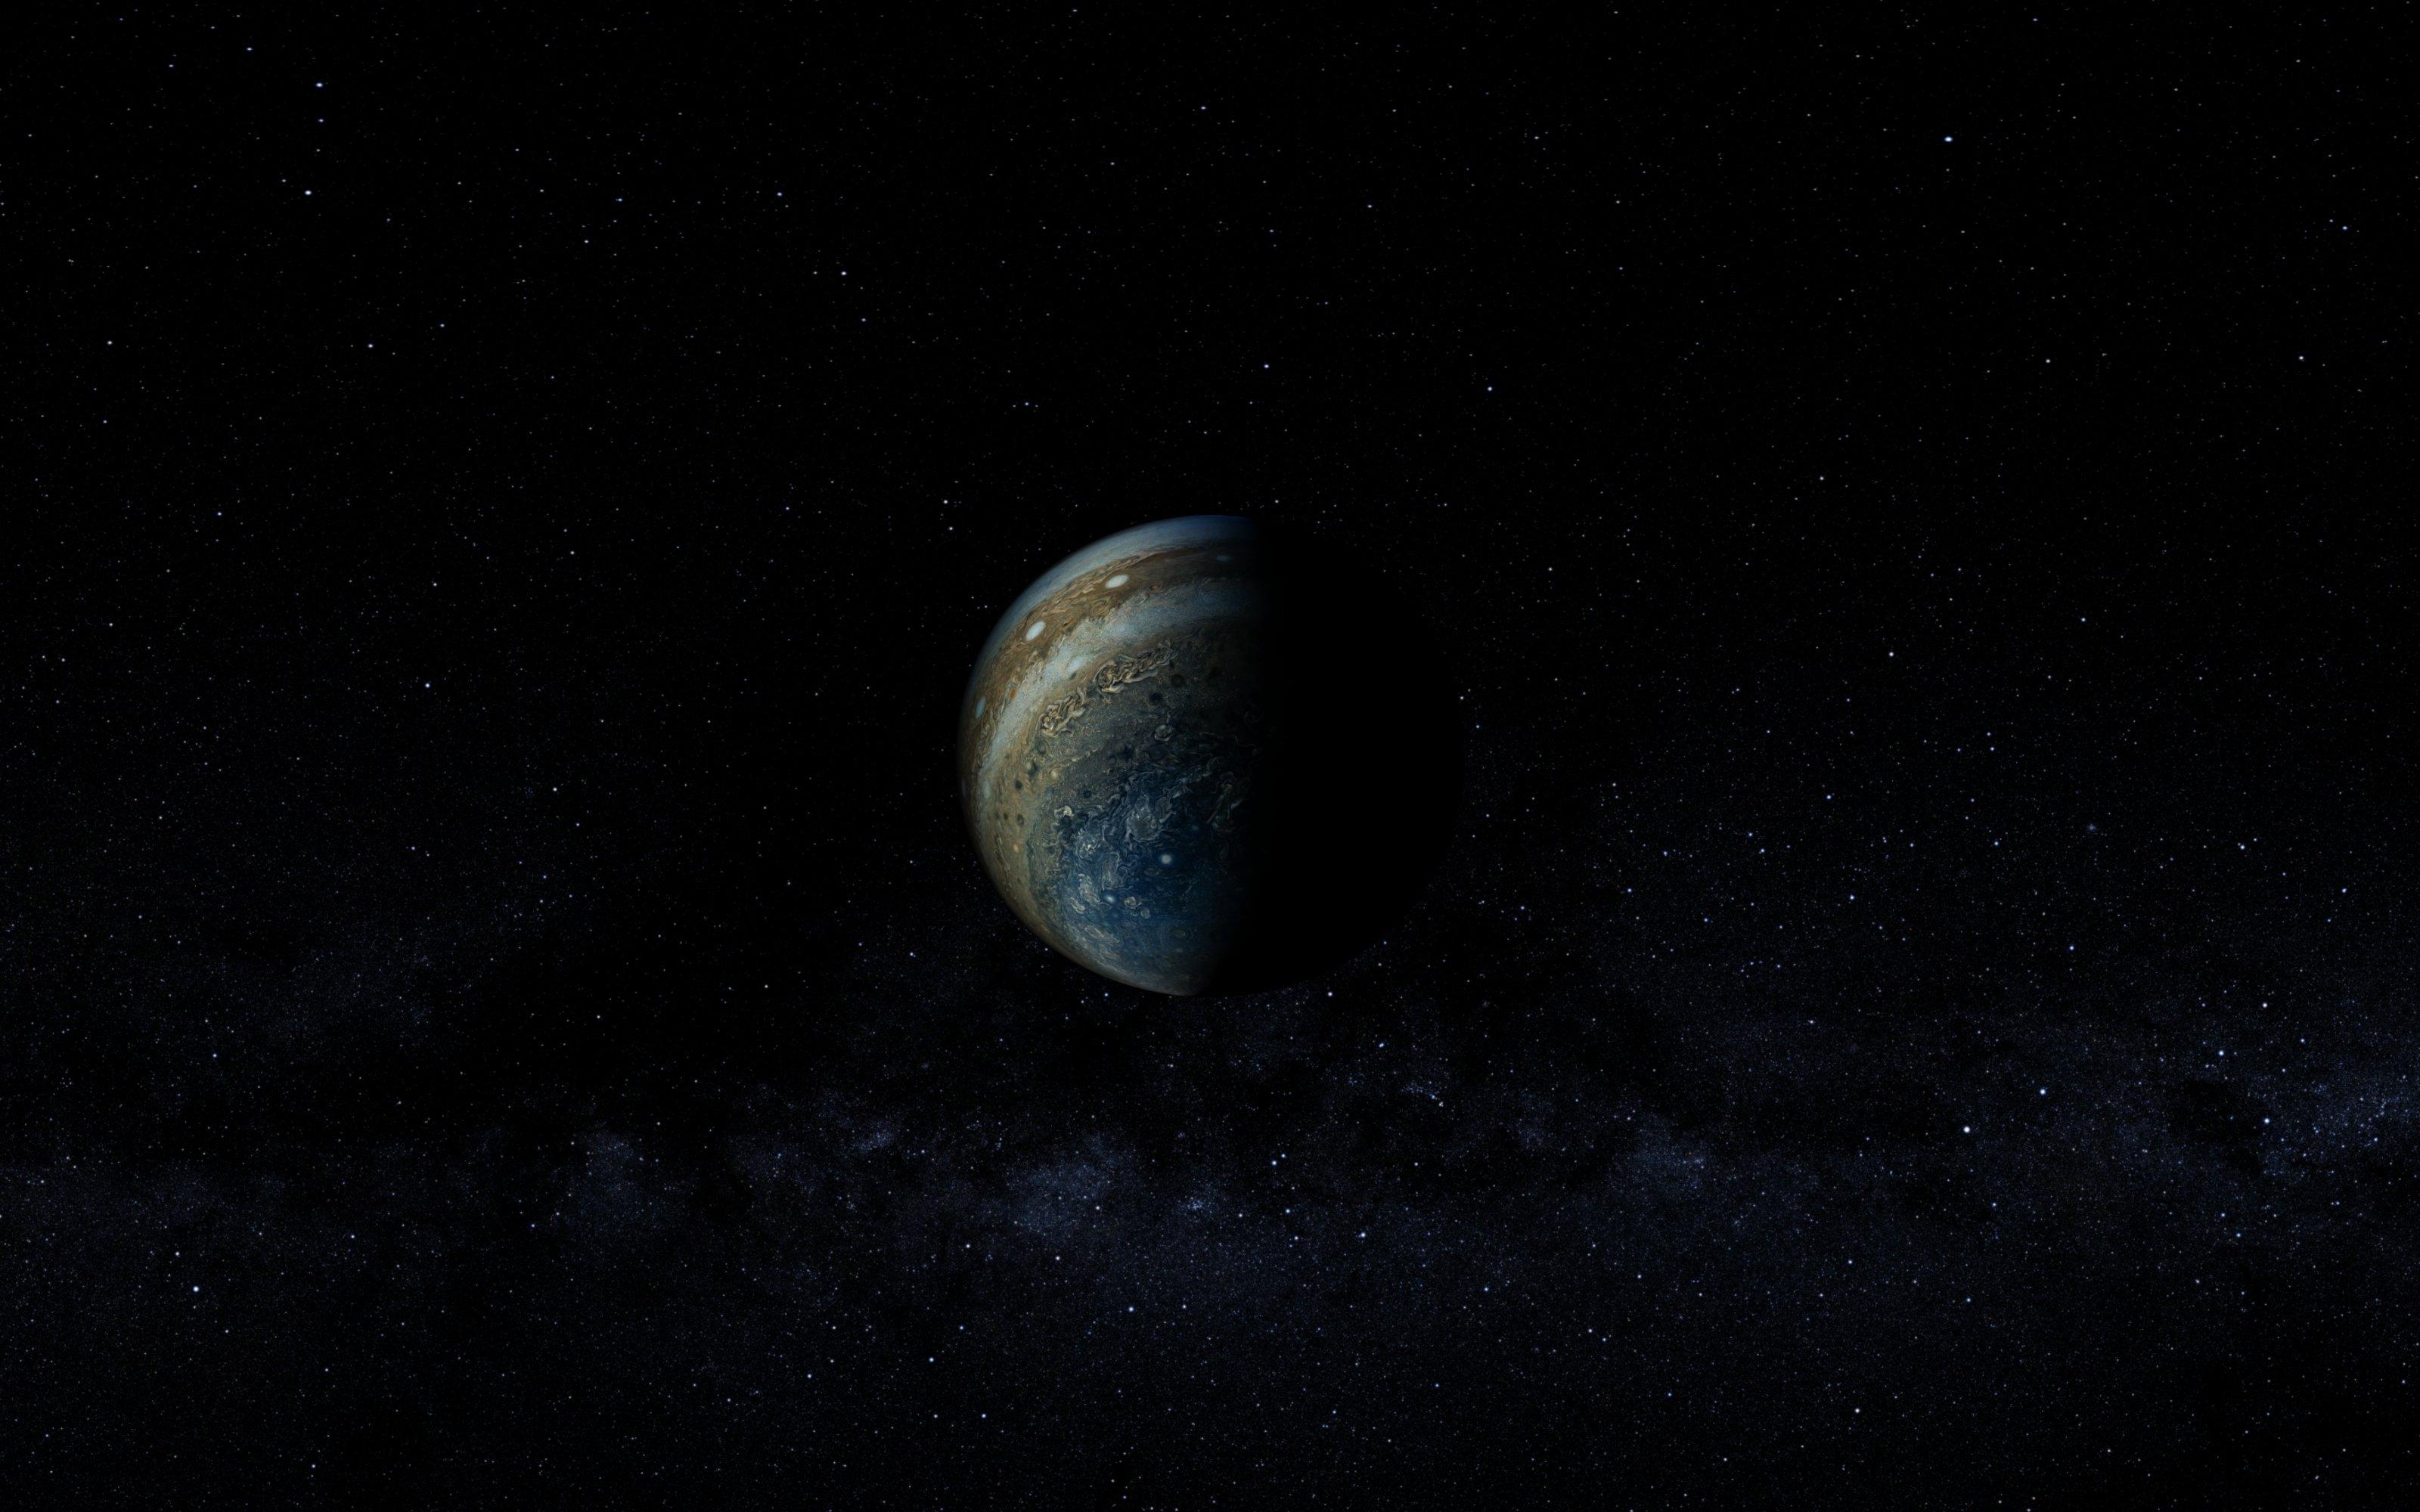 Jupiter wallpapers photos and desktop backgrounds up to - Jupiter wallpaper ...